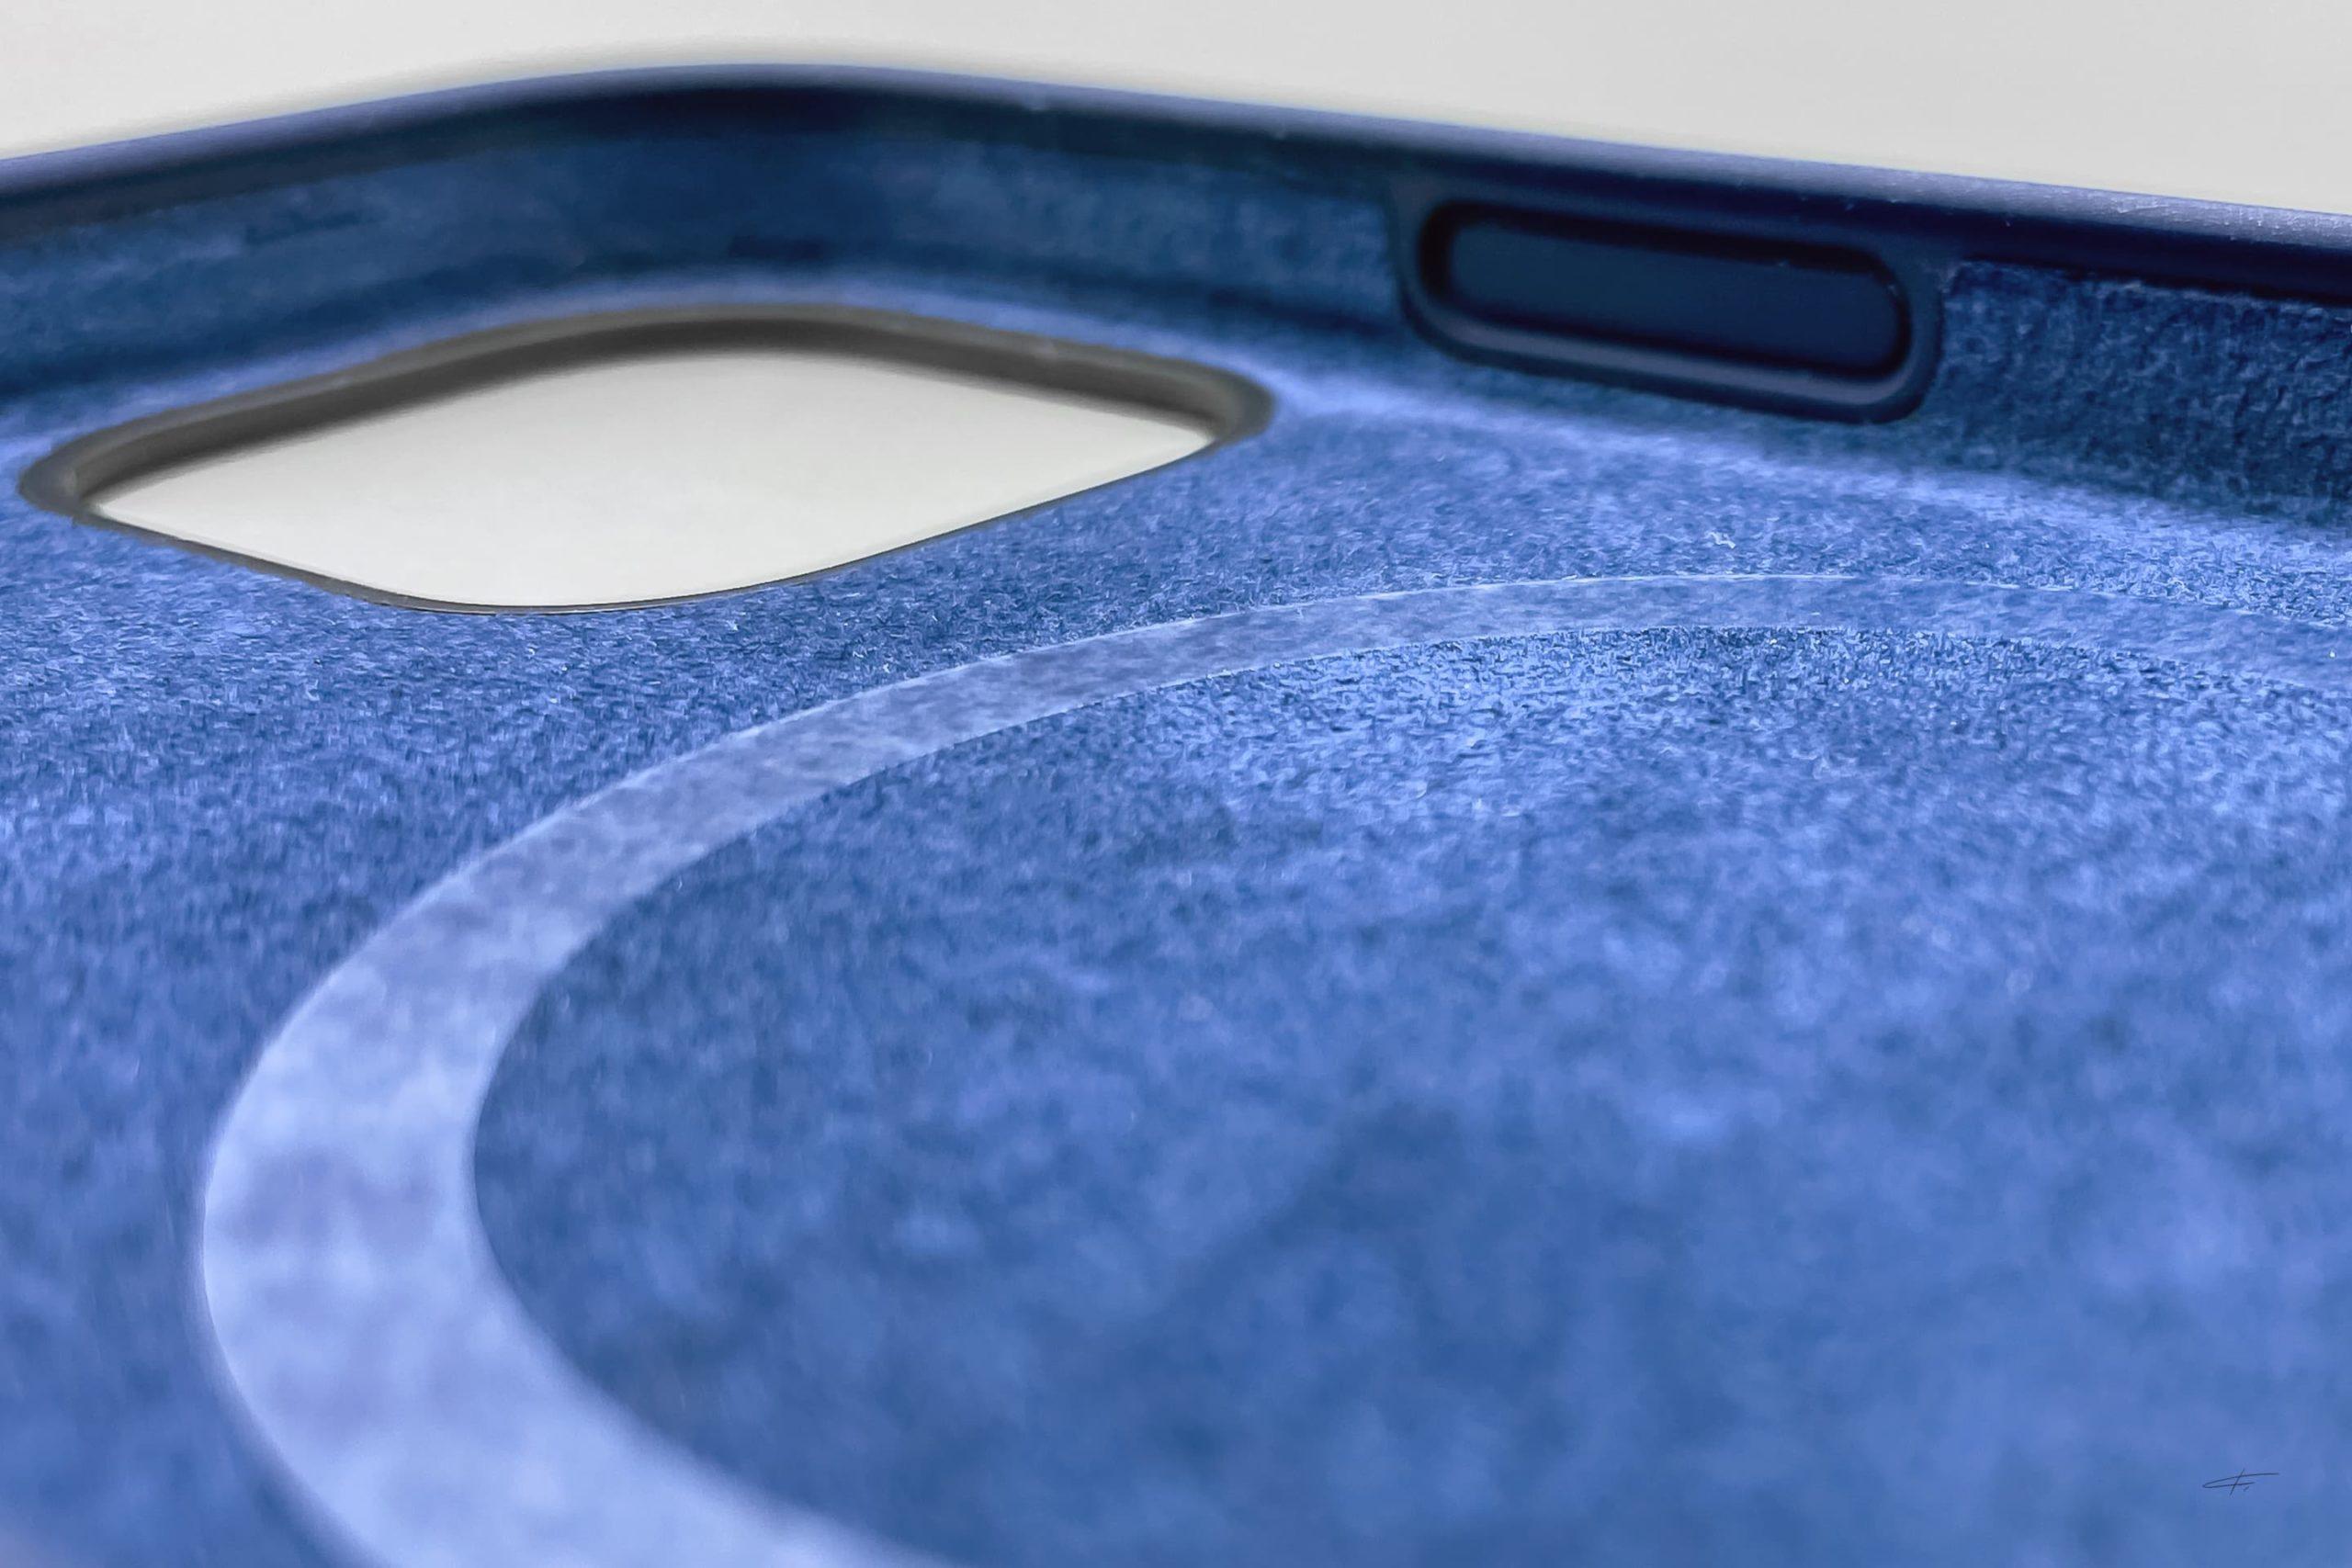 蘋果 MagSafe 充電器和保護殼開箱7